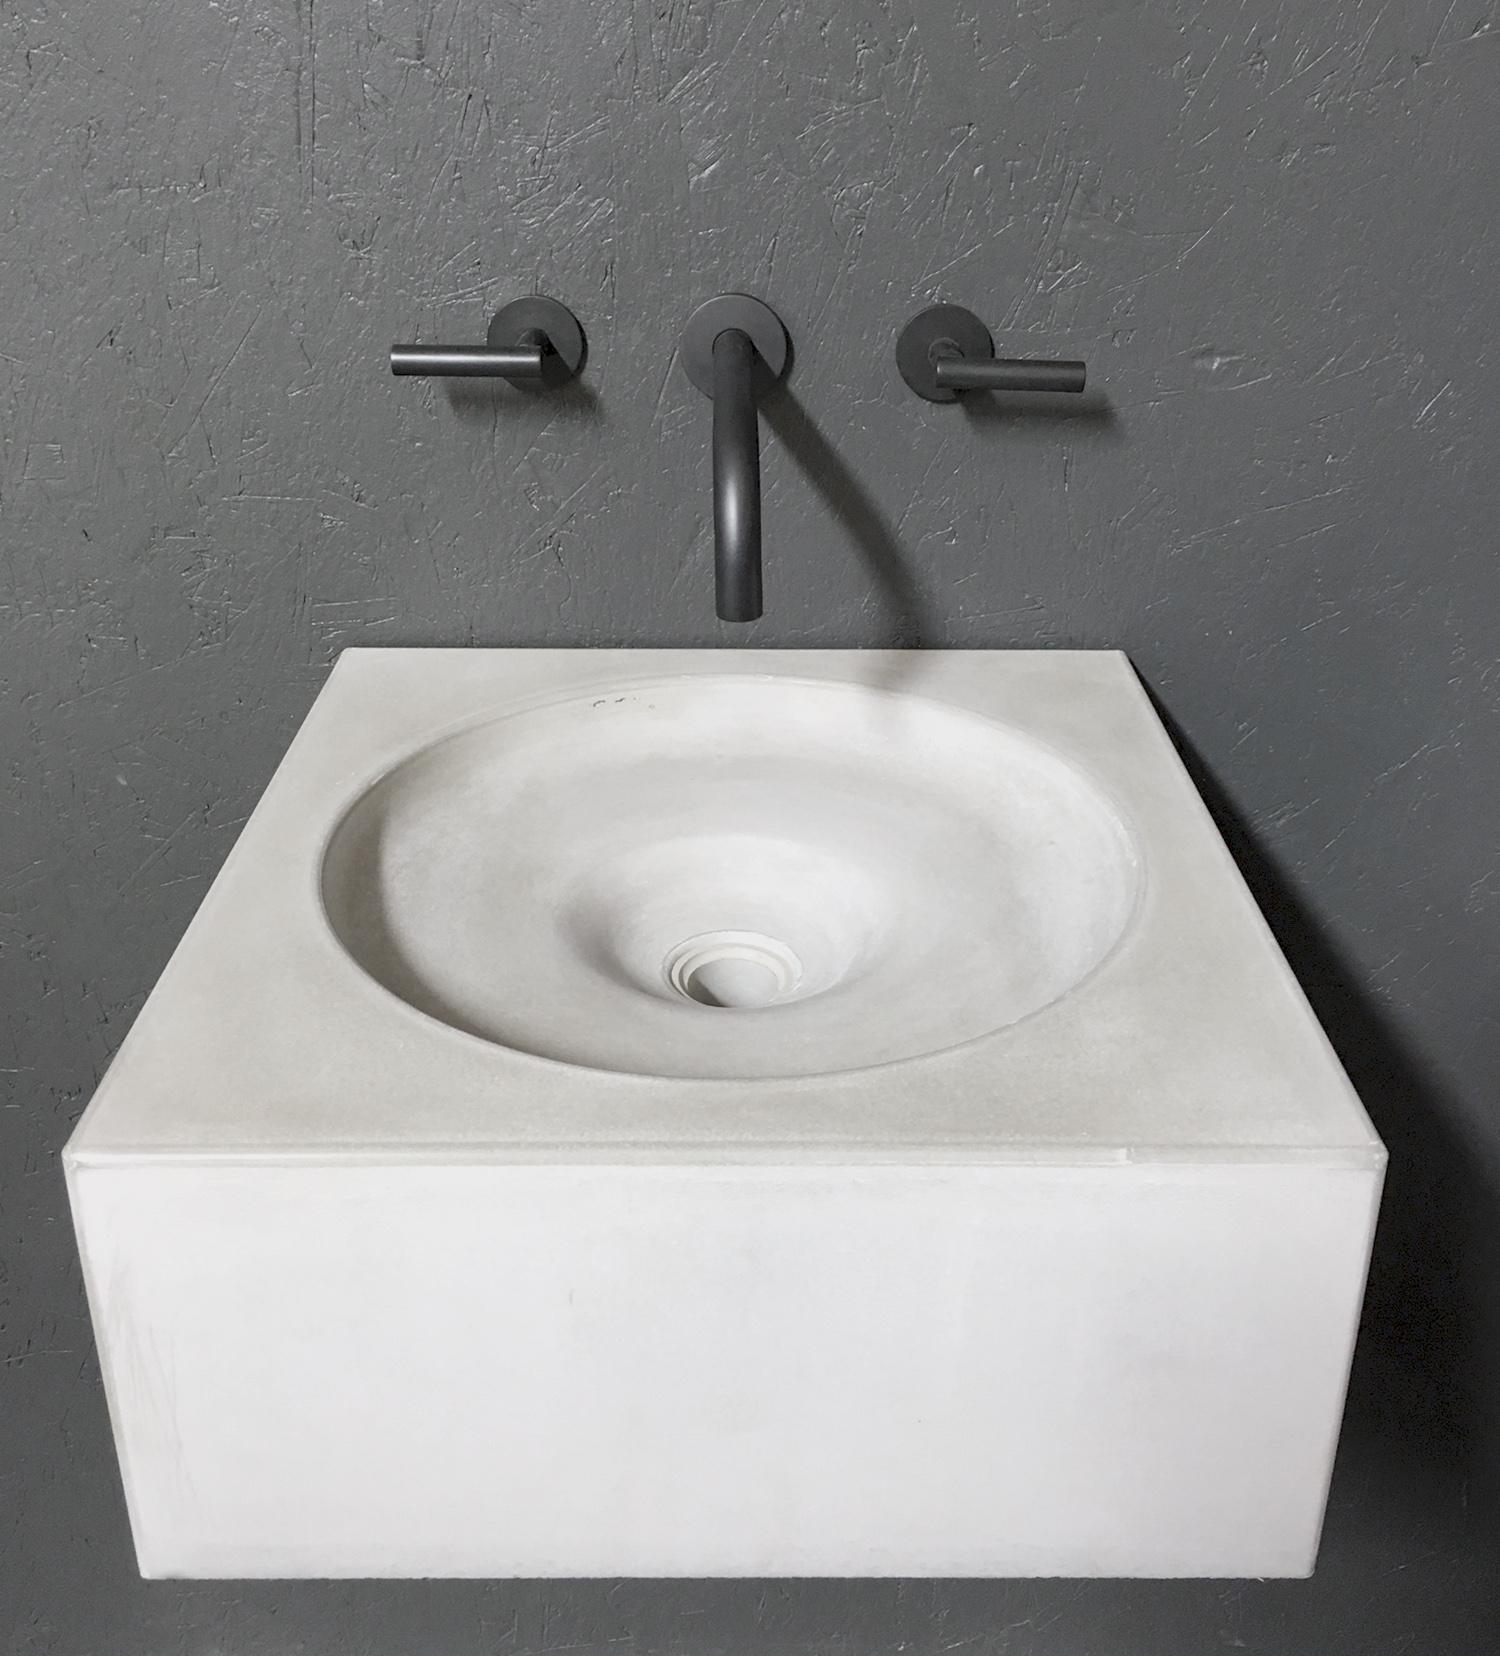 Concrete-sink-Black-taps.jpg